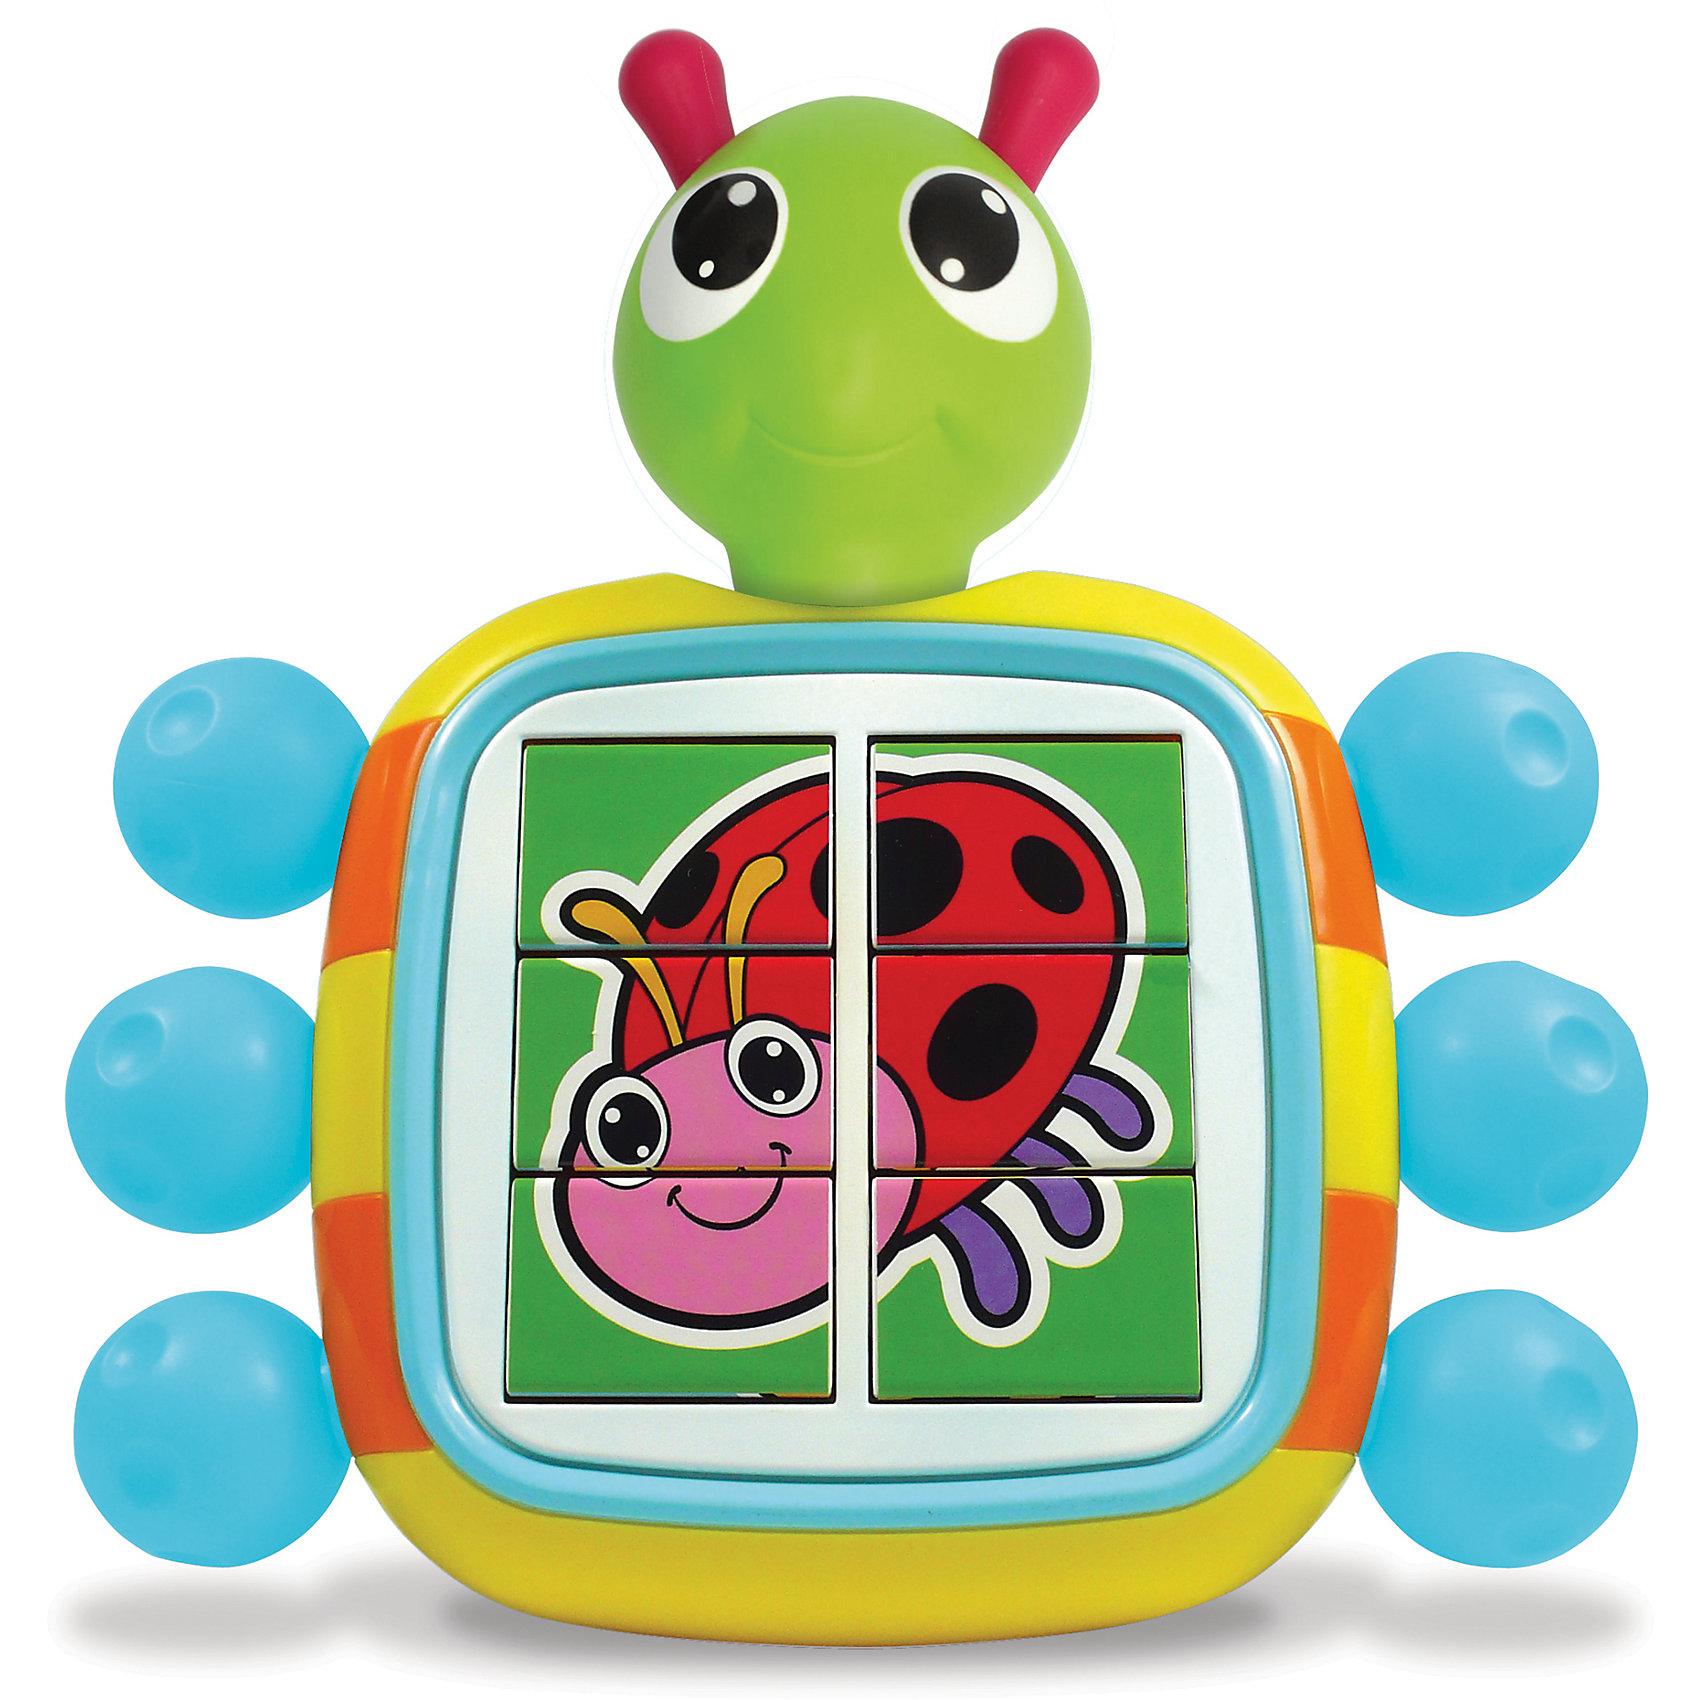 Игрушка Веселый Жук-Головоломка, TOMYЭта звуковая развивающая игрушка обязательно понравится вашему малышу. Поворачивая каждую лапку жука можно собрать одну из картинок : бабочку, пчелку или божью коровку при этом жук издает веселые звуки. Игрушка выполнена из гипоаллергенны материалов, безопасна для детей. Прекрасно развивает логическое мышление, моторику, цветовосприятие.<br><br>Дополнительная информация:<br><br>- Материал: пластик<br>- Размер: 15,5х 18 см.<br>- Элемент питания: 2 батарейки ААА (в комплекте).<br><br>Игрушку Веселый Жук-Головоломка, TOMY можно купить в нашем магазине.<br><br>Ширина мм: 216<br>Глубина мм: 214<br>Высота мм: 113<br>Вес г: 488<br>Возраст от месяцев: 18<br>Возраст до месяцев: 1164<br>Пол: Унисекс<br>Возраст: Детский<br>SKU: 2241109